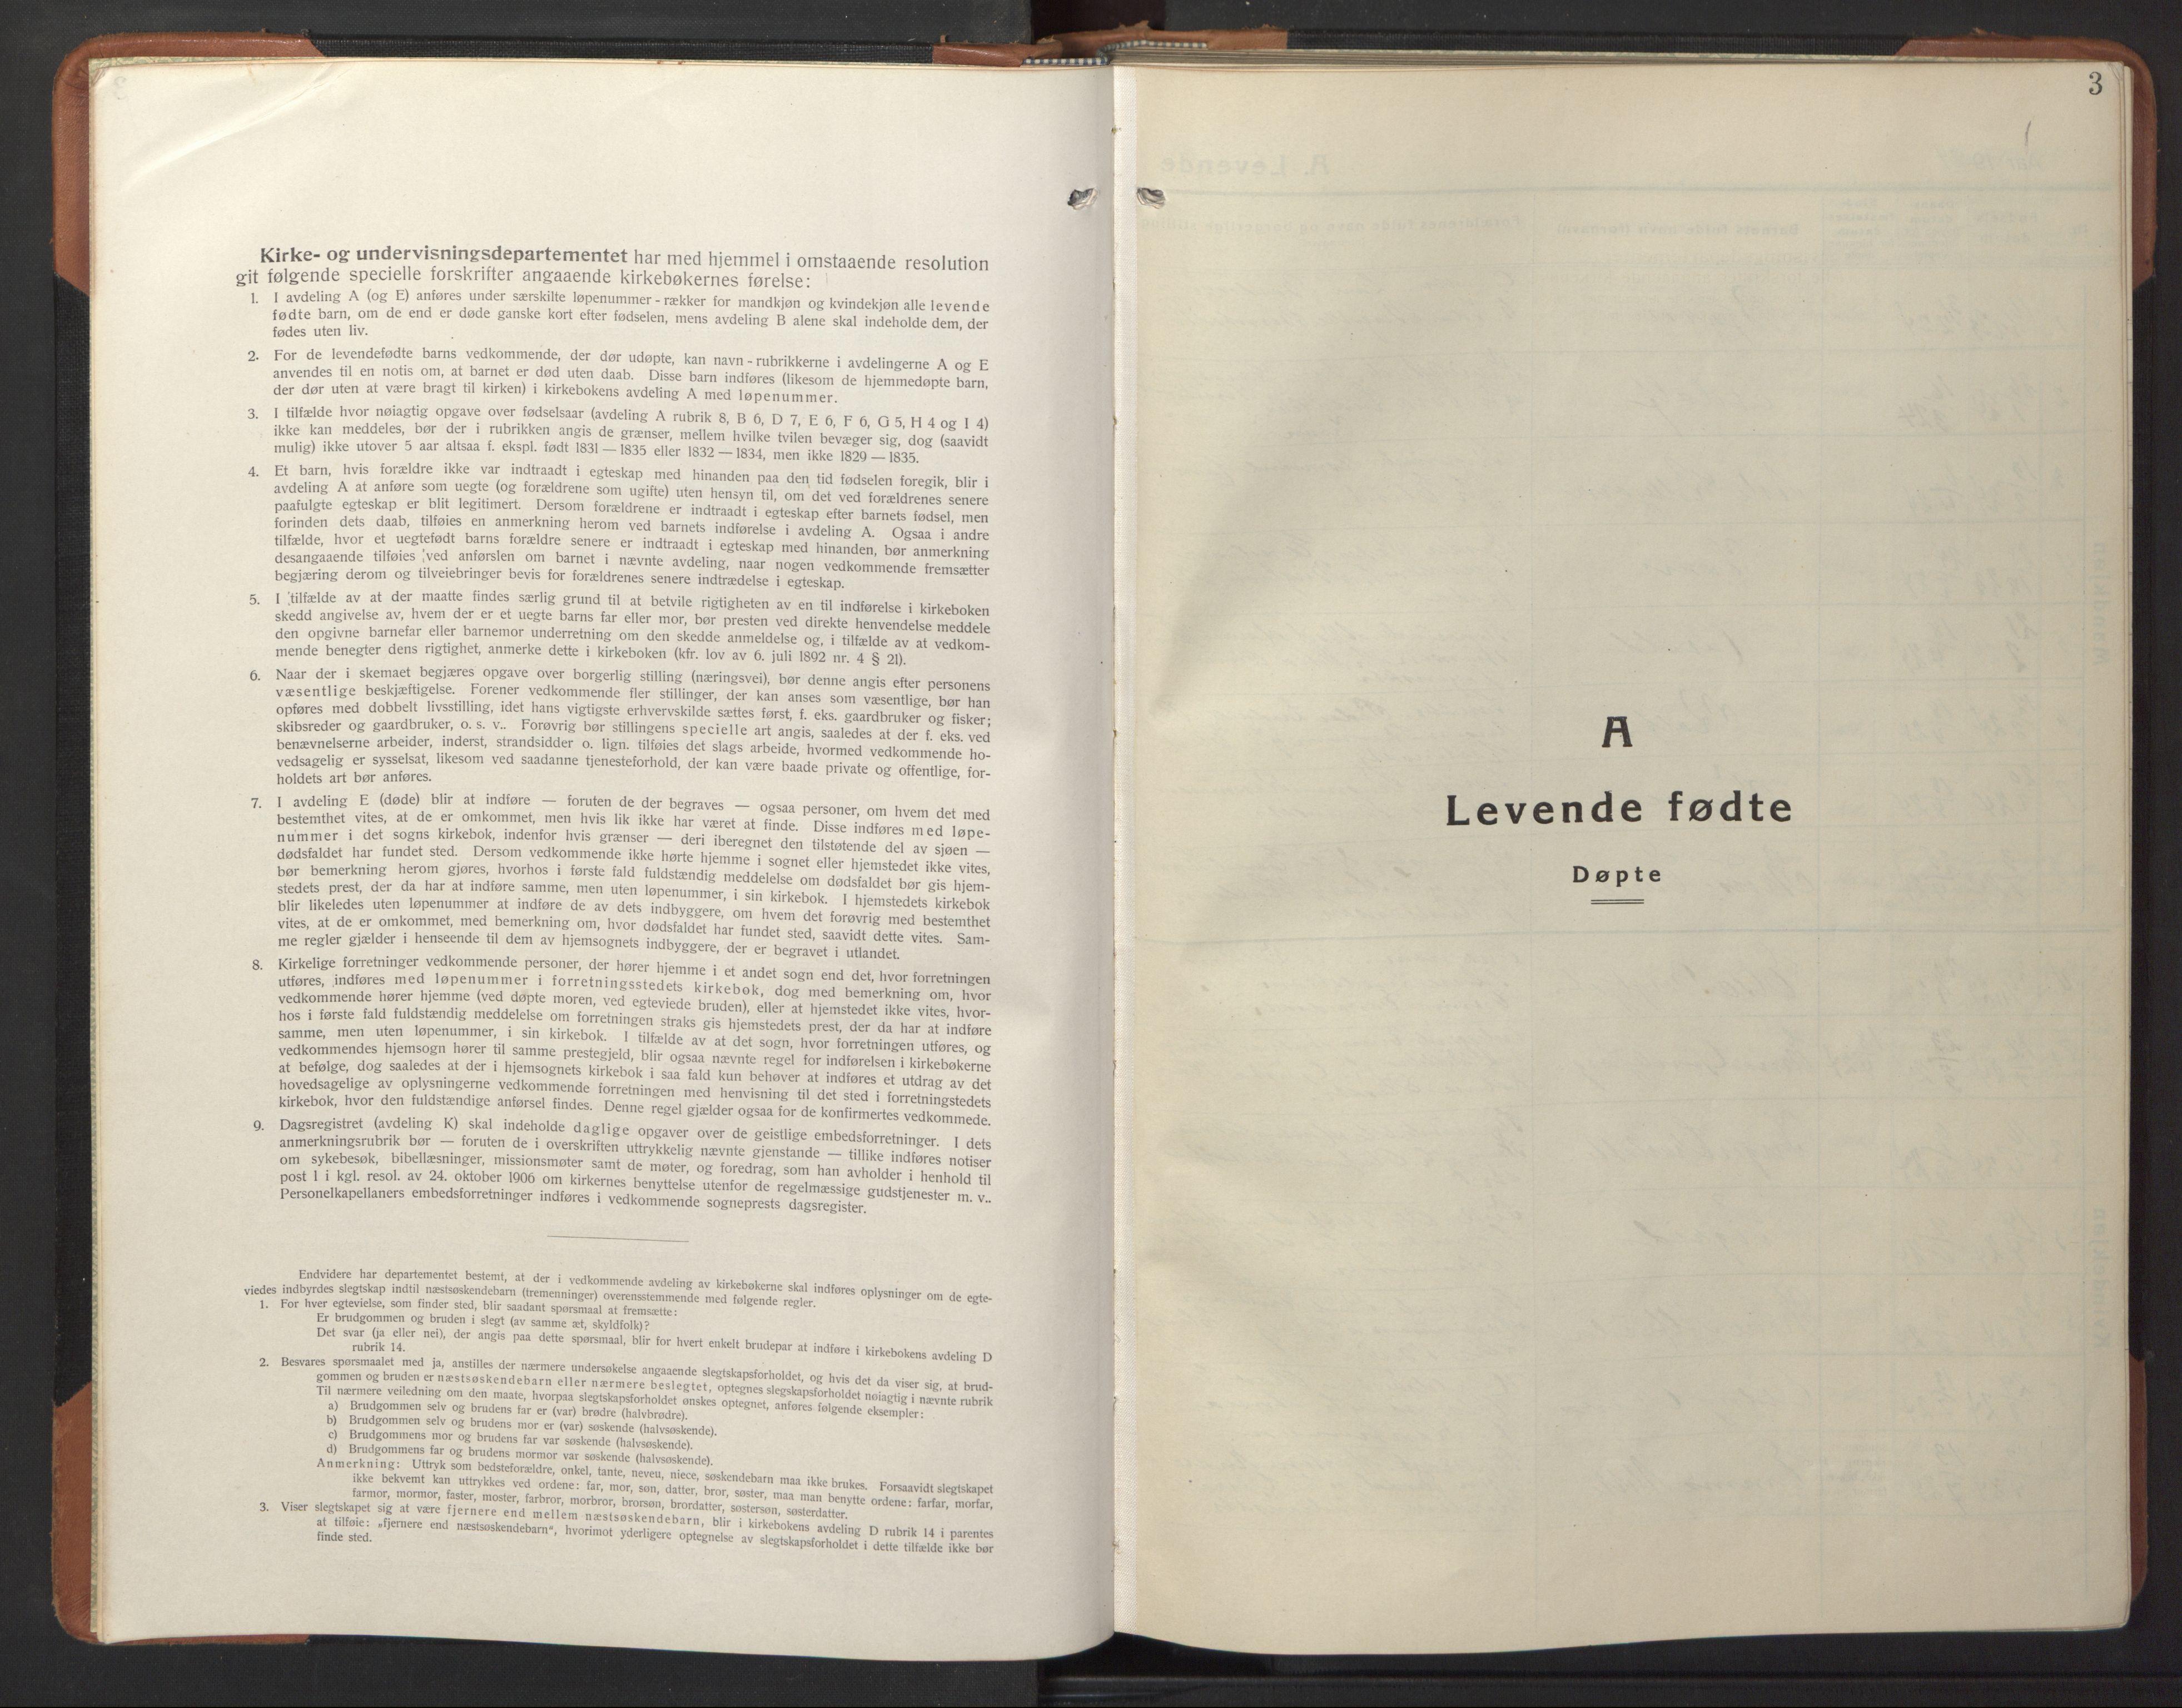 SAT, Ministerialprotokoller, klokkerbøker og fødselsregistre - Nord-Trøndelag, 744/L0425: Klokkerbok nr. 744C04, 1924-1947, s. 3